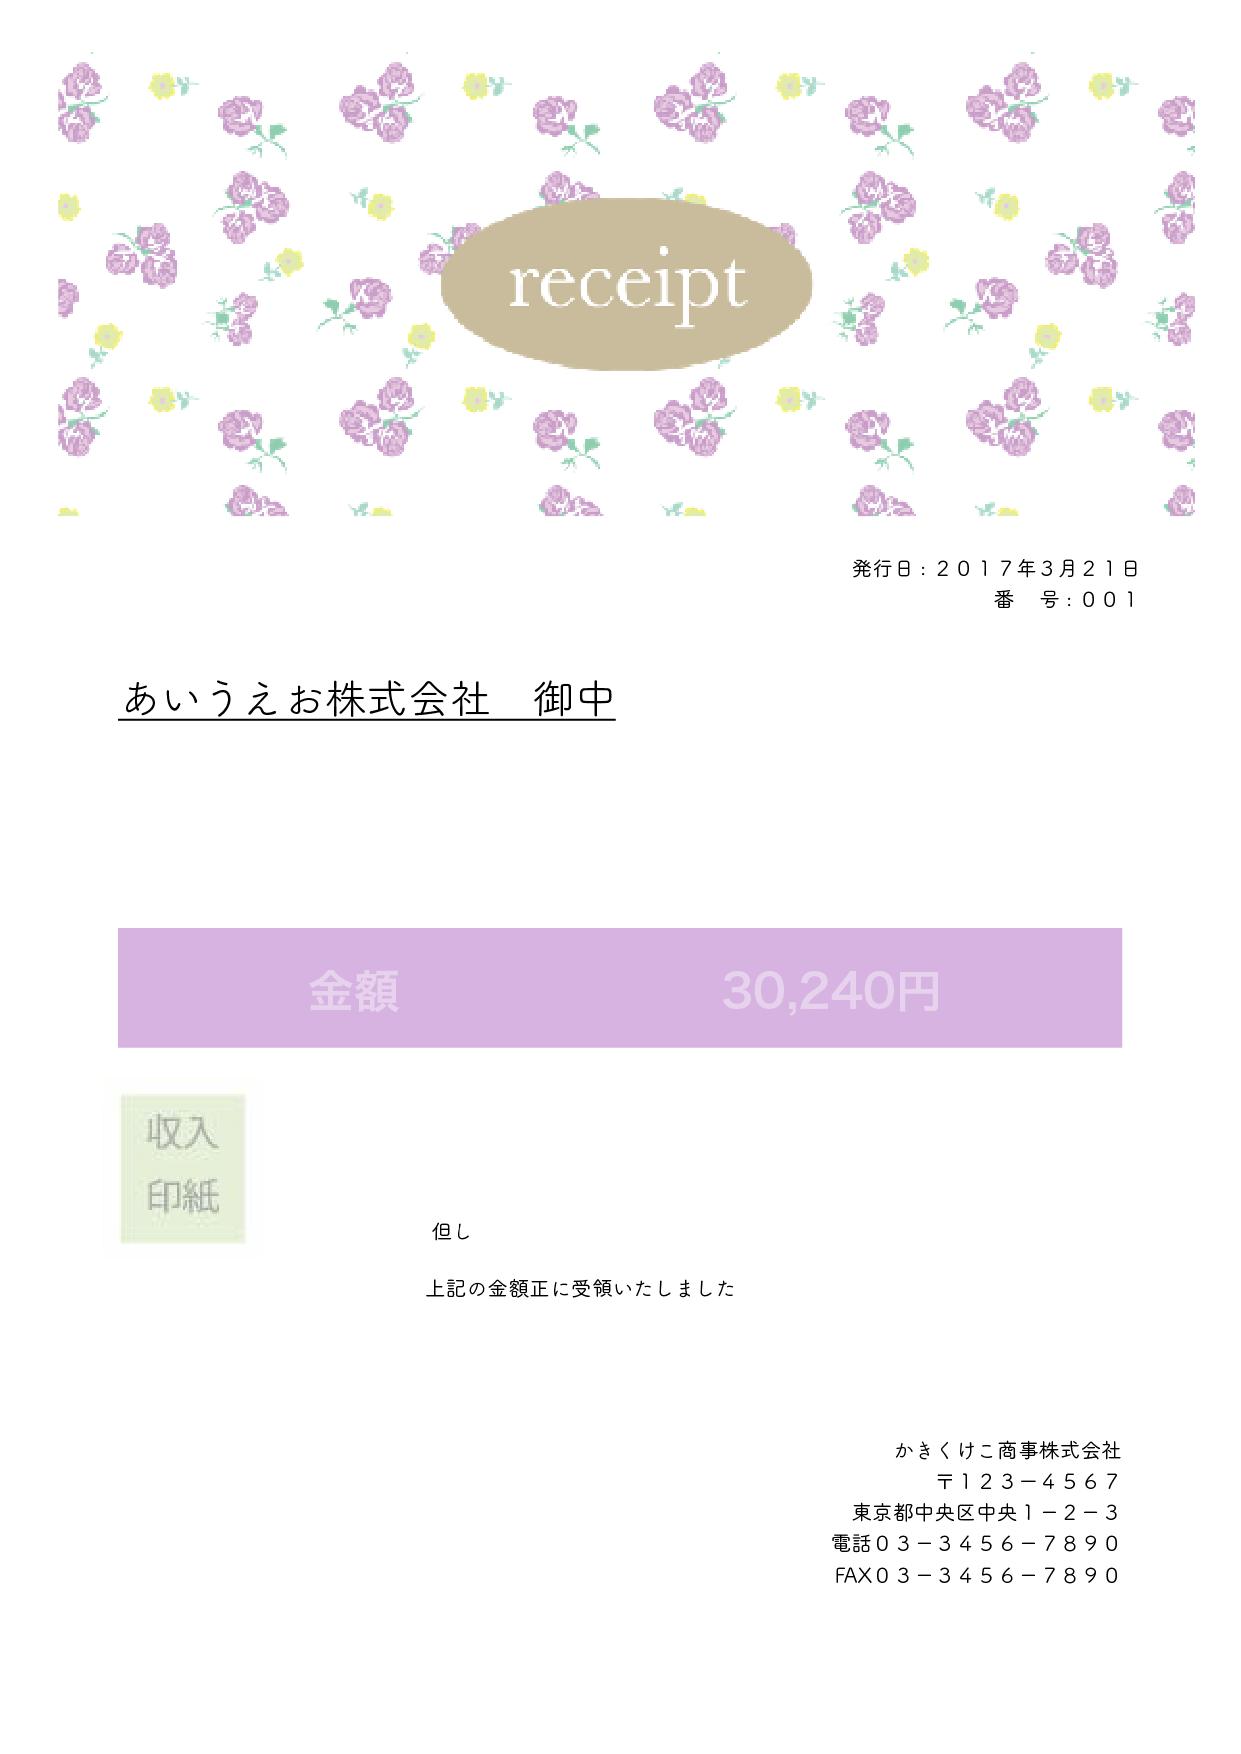 領収書(Receipt)テンプレート Mac対応 A4サイズ・ガーリーな花柄パープル(ワード、ページズ)